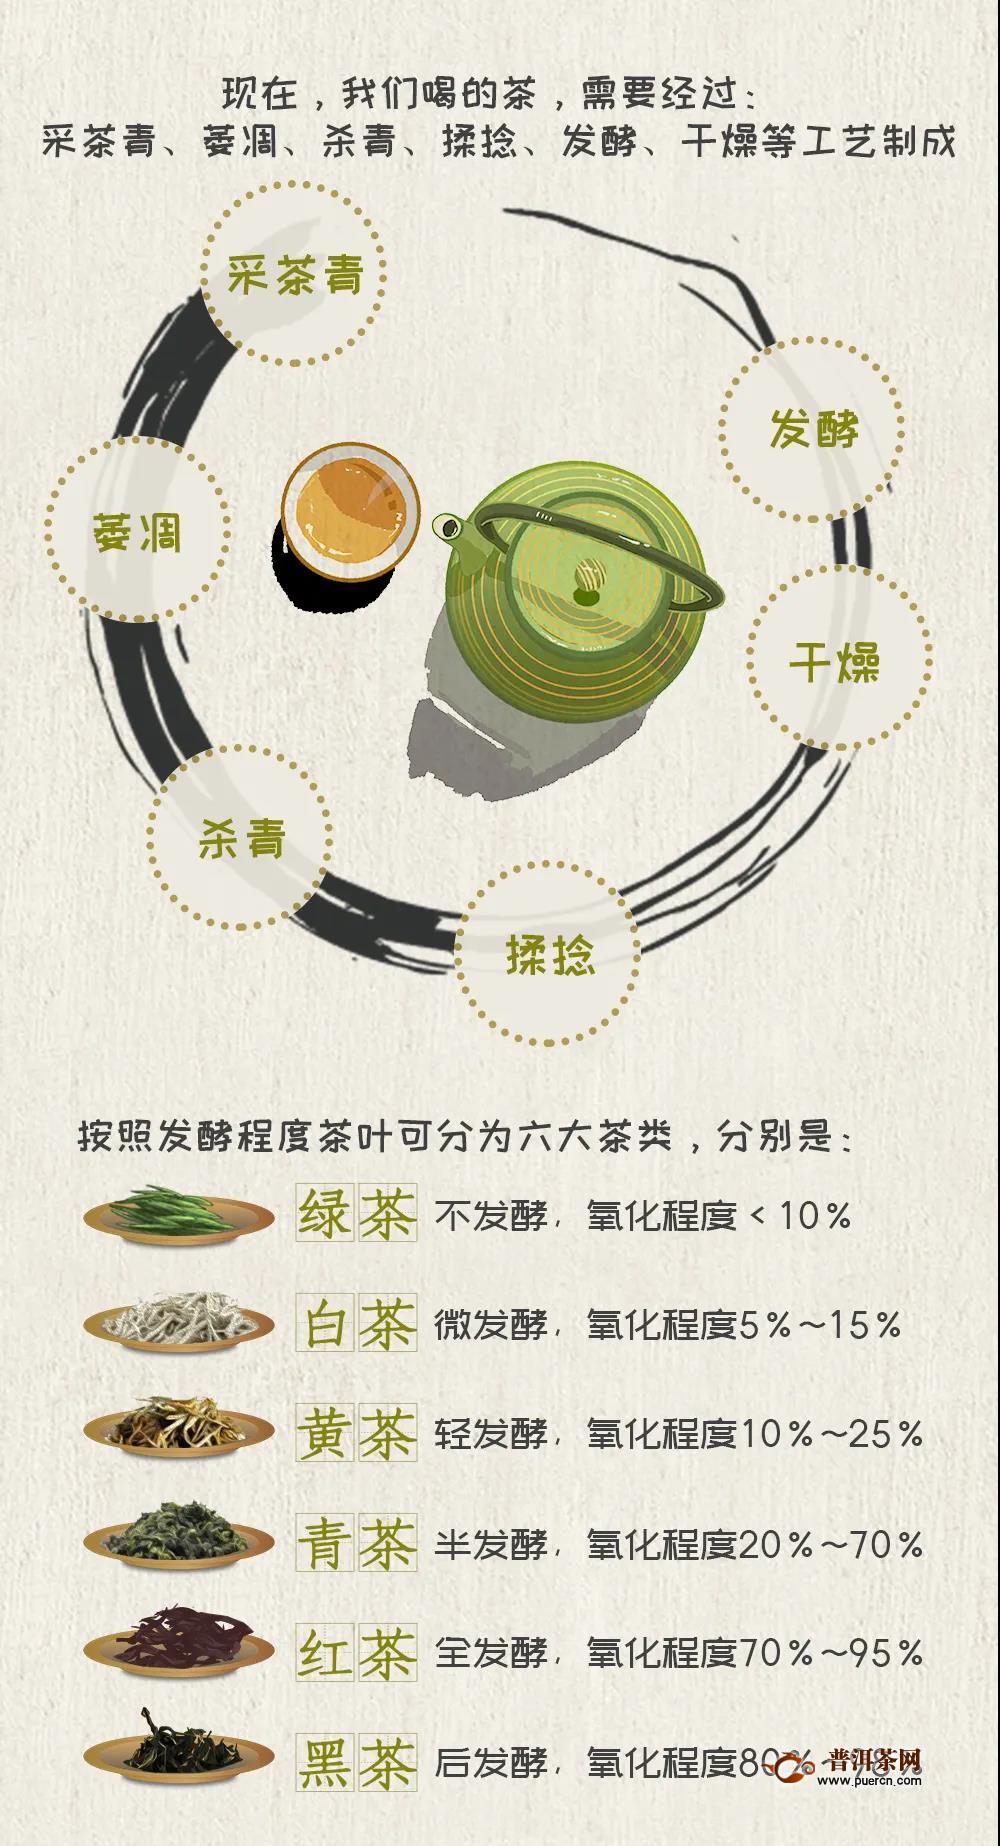 【转载】一图读懂世界茶